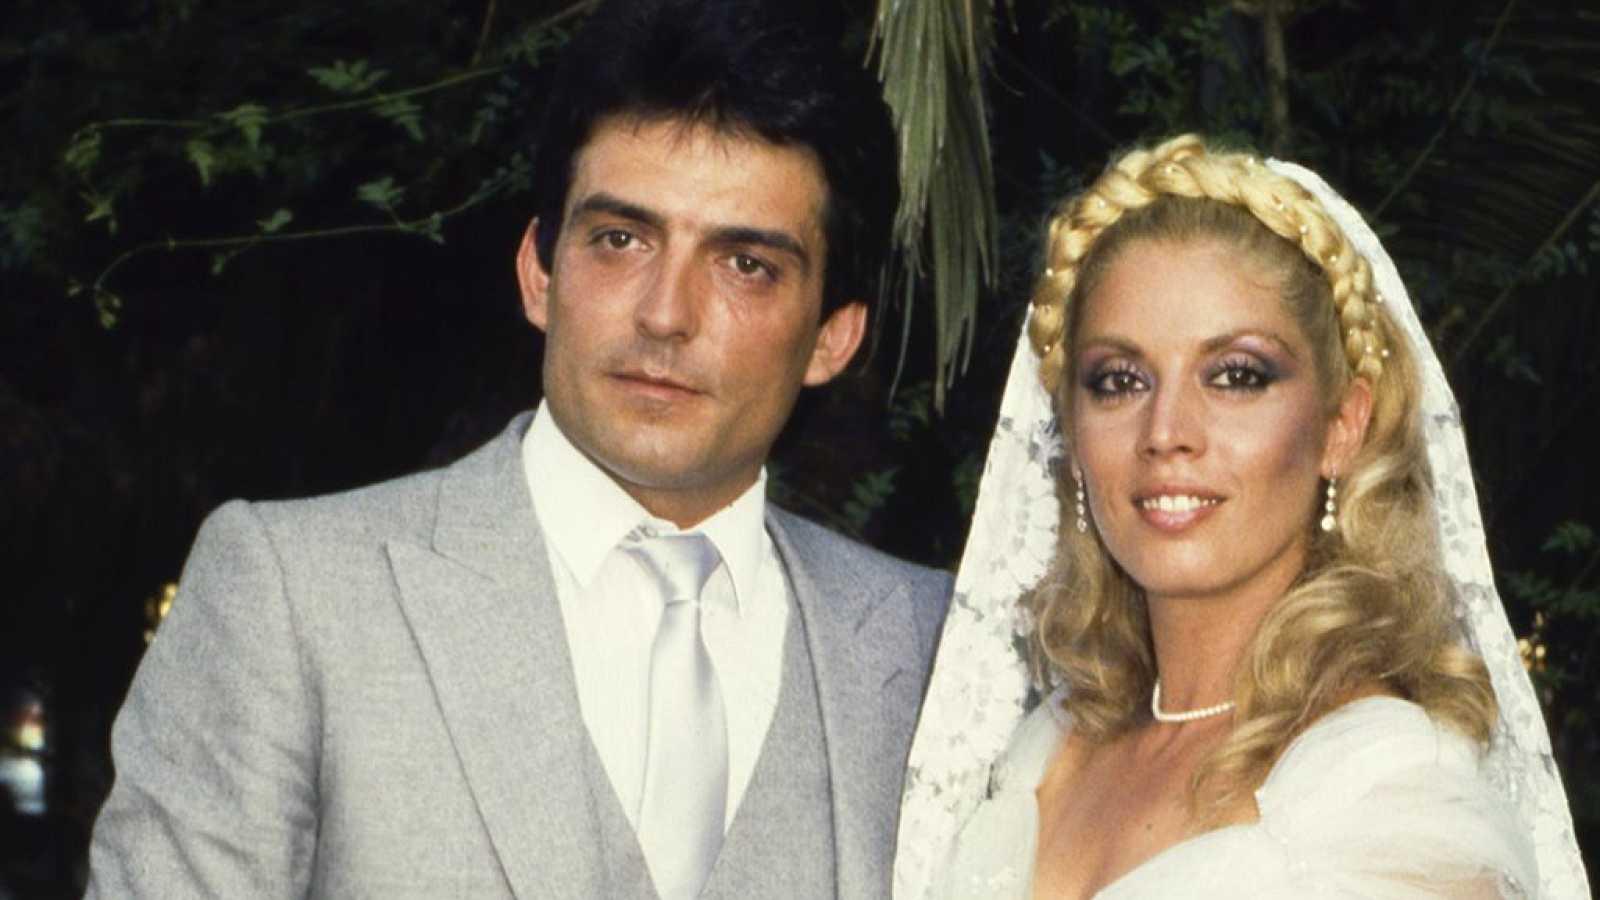 Lazos de sangre - María Jiménez y Pepe Sancho: tres bodas y una larga lista de infidelidades